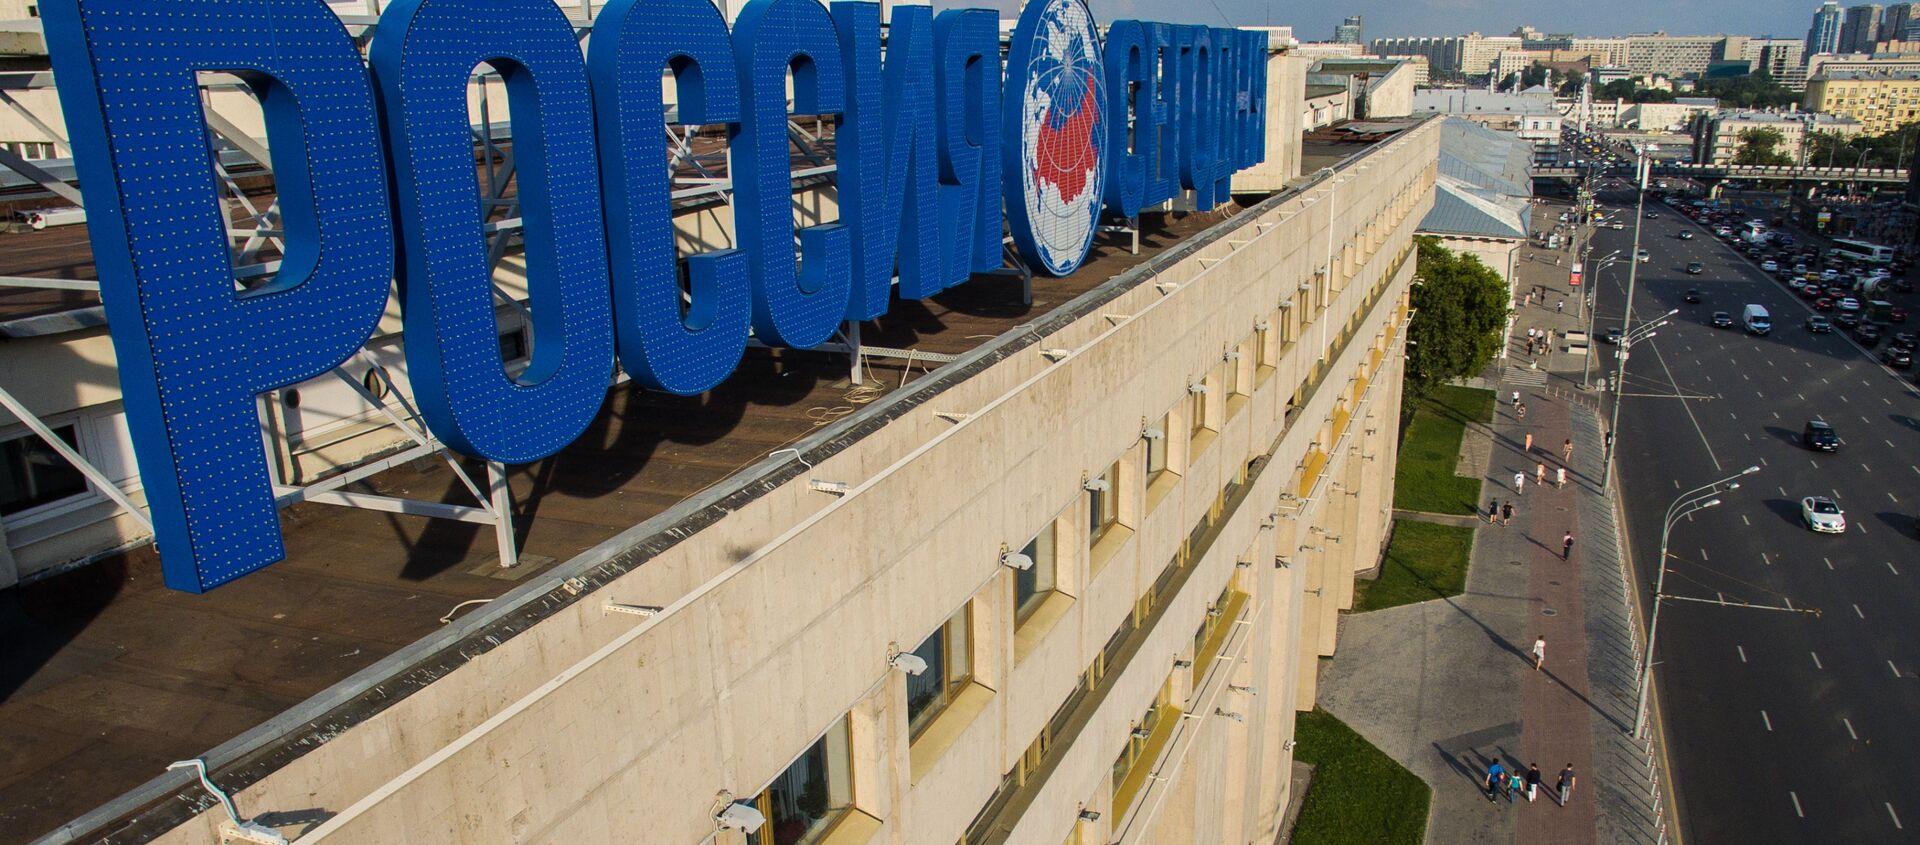 Budynek Międzynarodowej Agencji Informacyjnej Rossiya Segodnya w Moskwie - Sputnik Polska, 1920, 21.05.2021